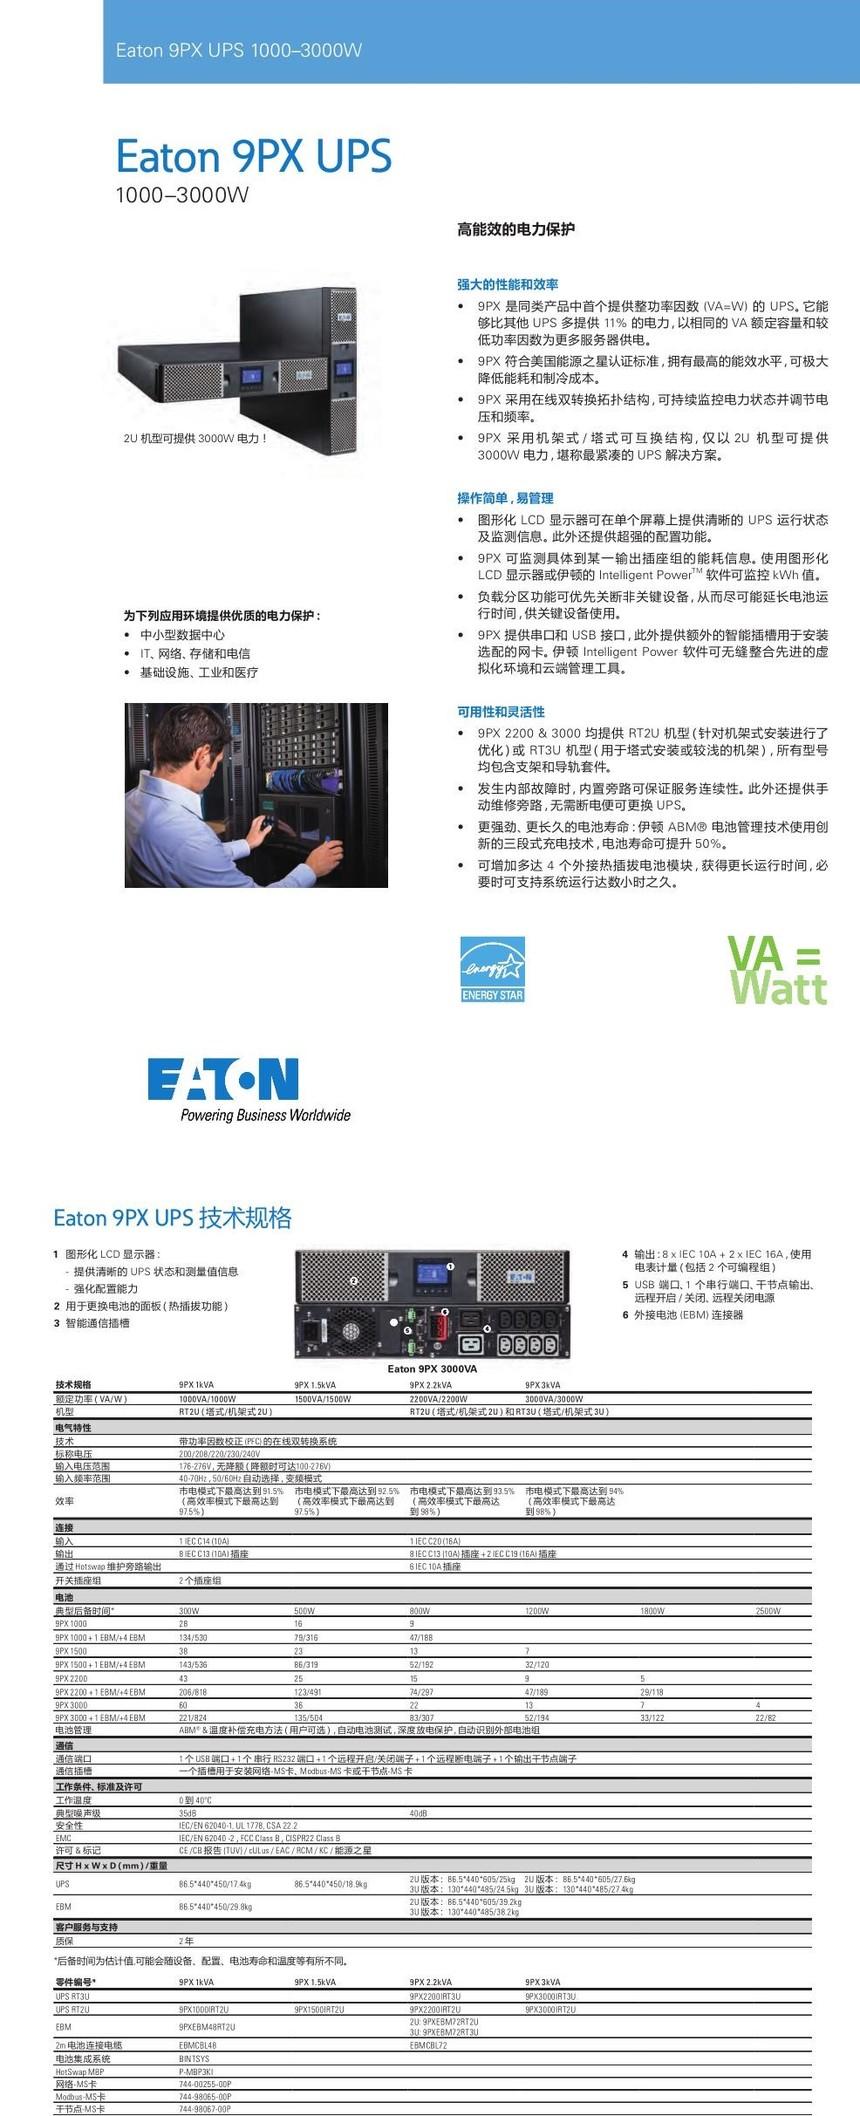 伊顿-9PX-1-3K-产品手册 -ZH-CN.jpg